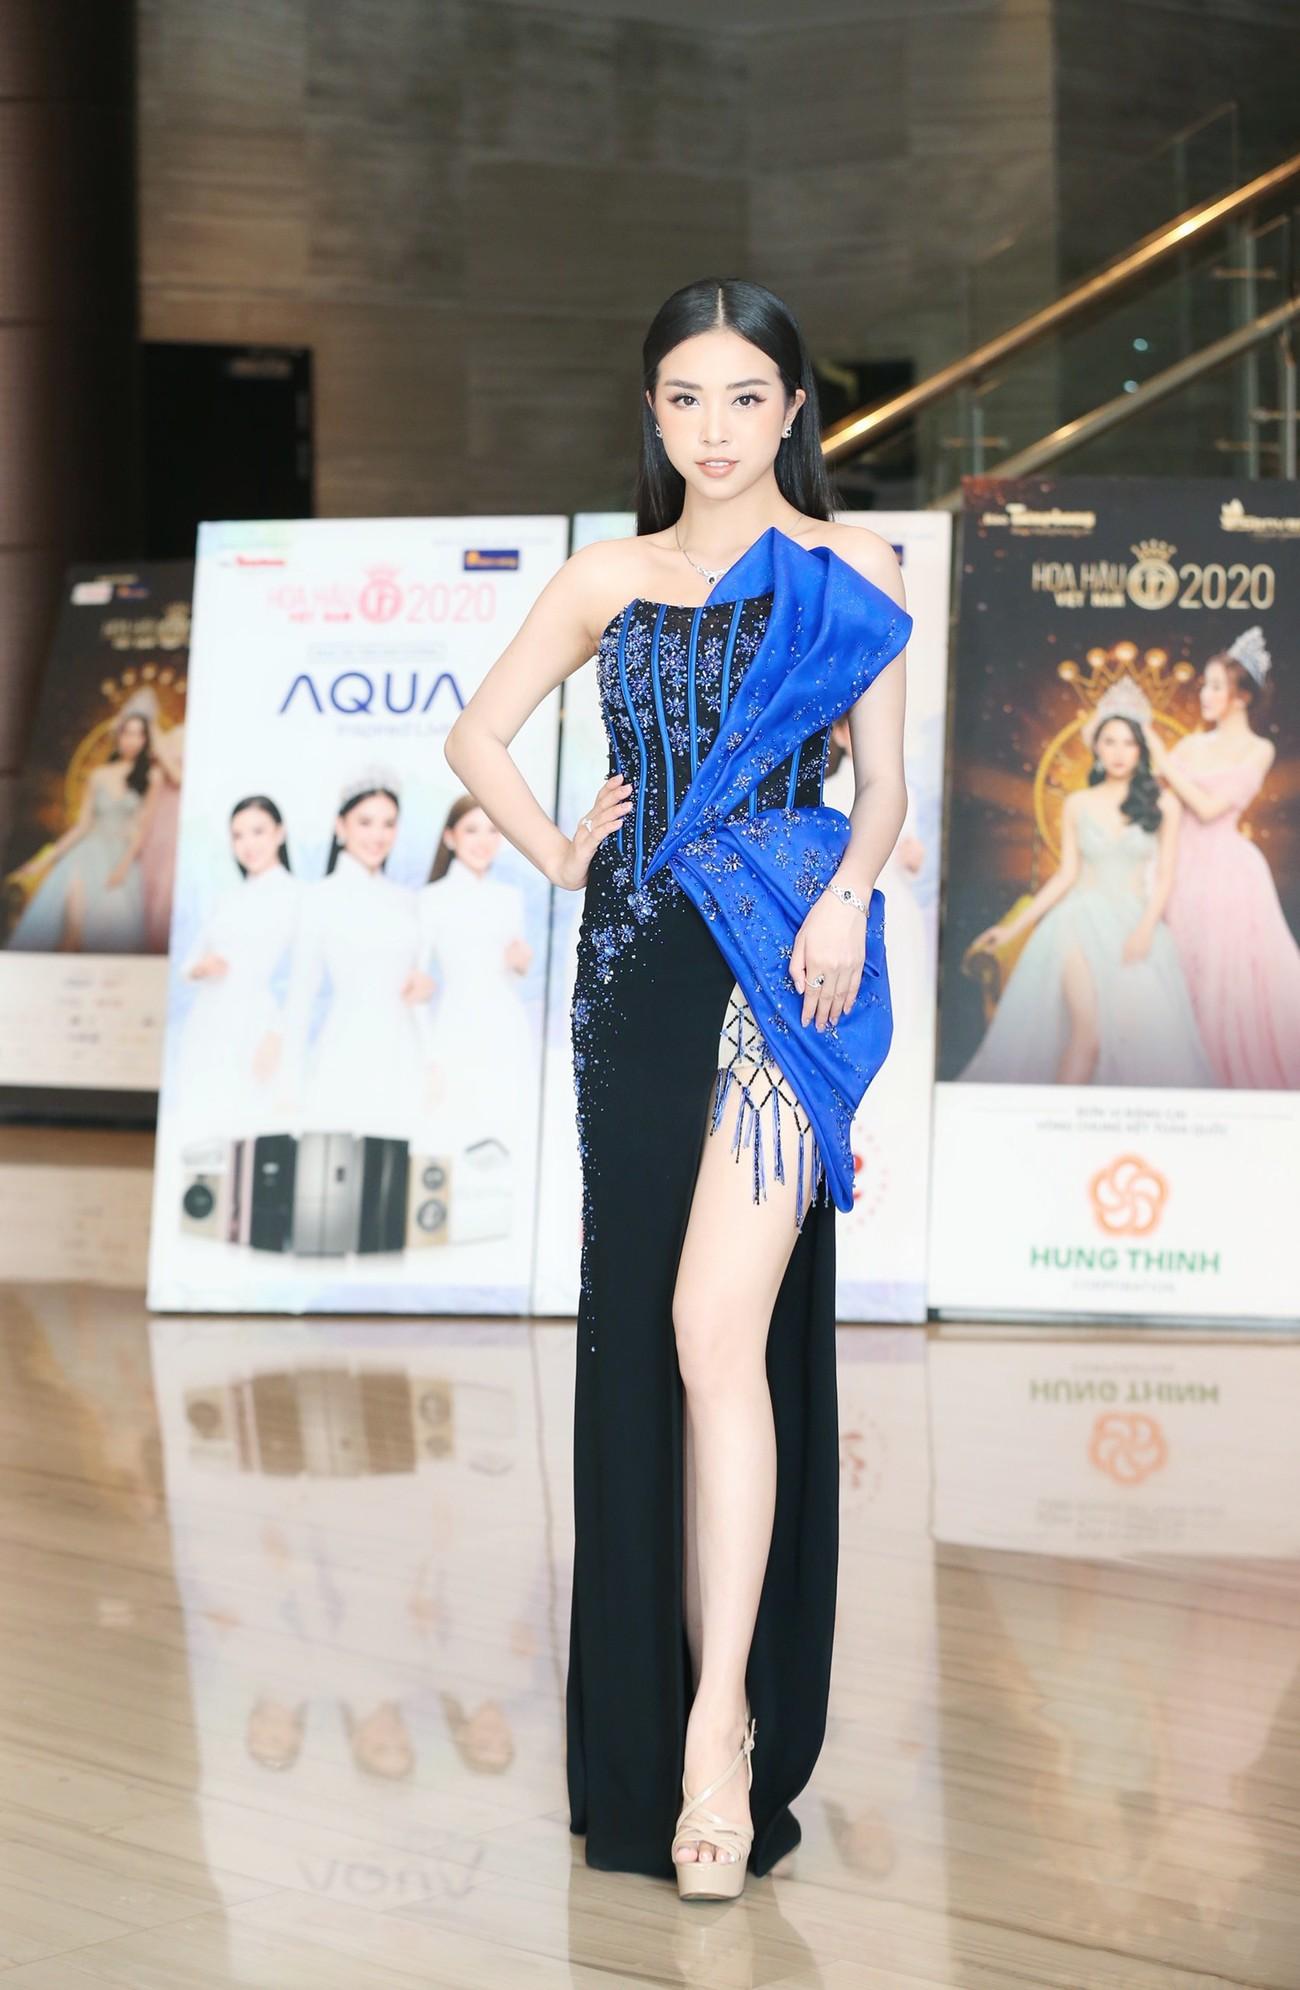 Dàn Hoa hậu, Á hậu khoe dáng nóng bỏng tại họp báo Chung kết toàn quốc HHVN 2020 ảnh 8